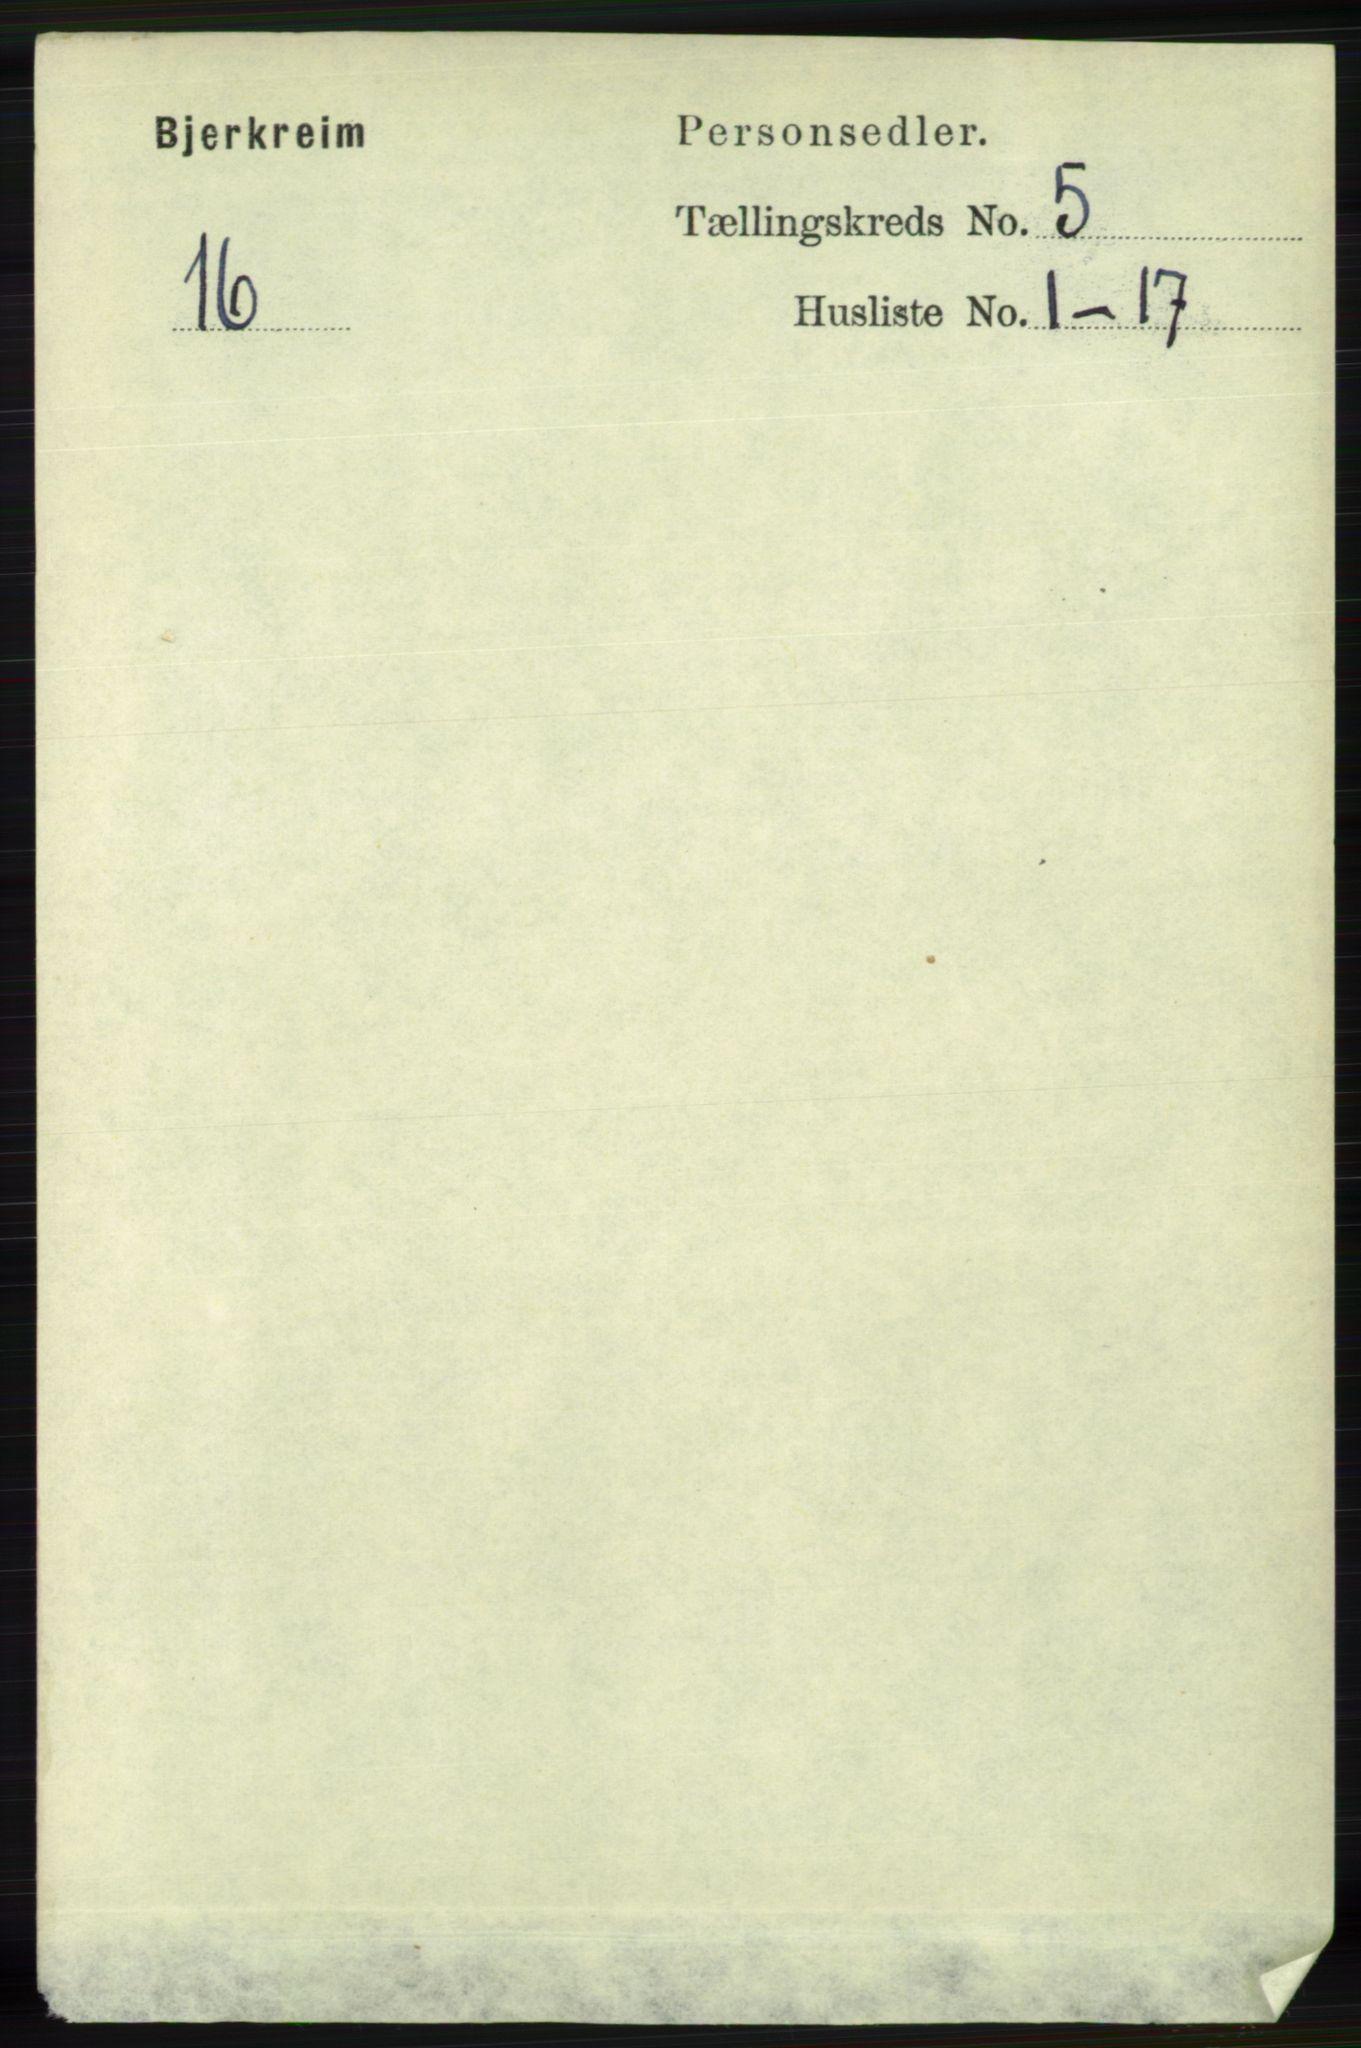 RA, Folketelling 1891 for 1114 Bjerkreim herred, 1891, s. 1693